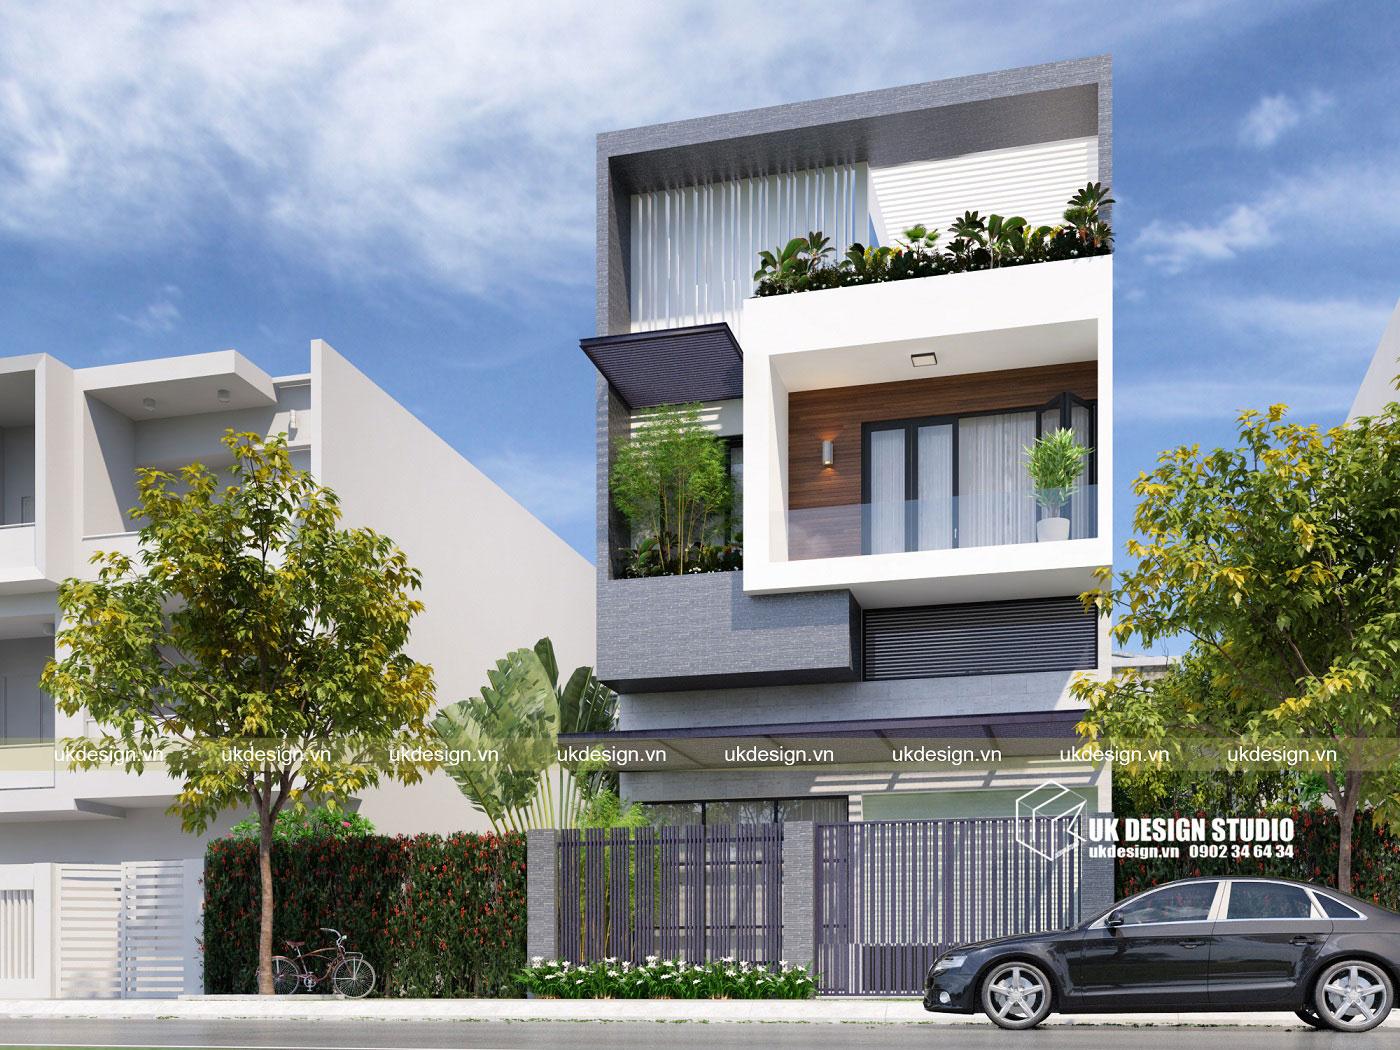 Thiết kế nhà phố hiện đại 3 tầng mặt tiền 8m c